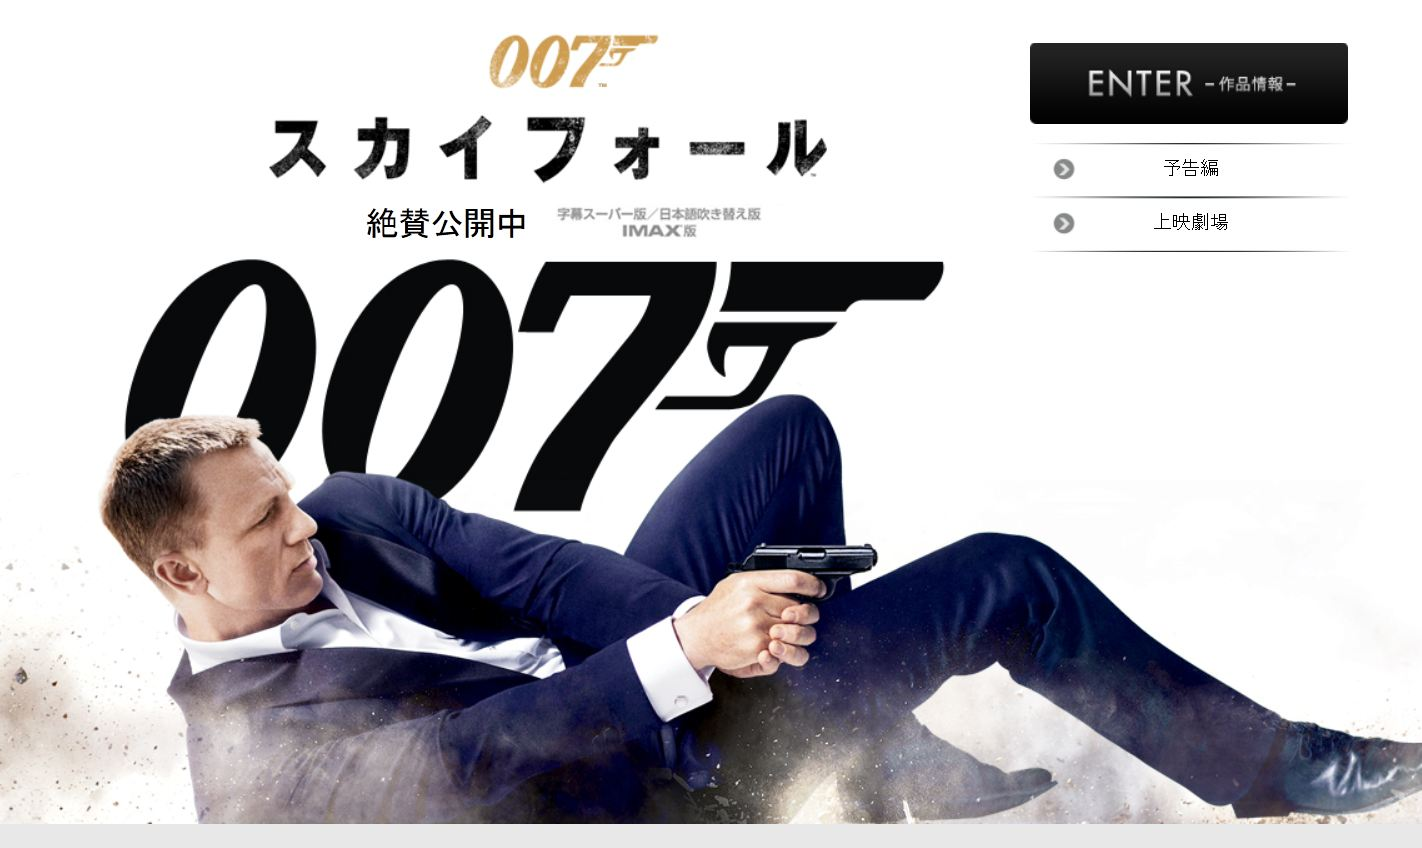 007 スカイフォール : 福岡 ...